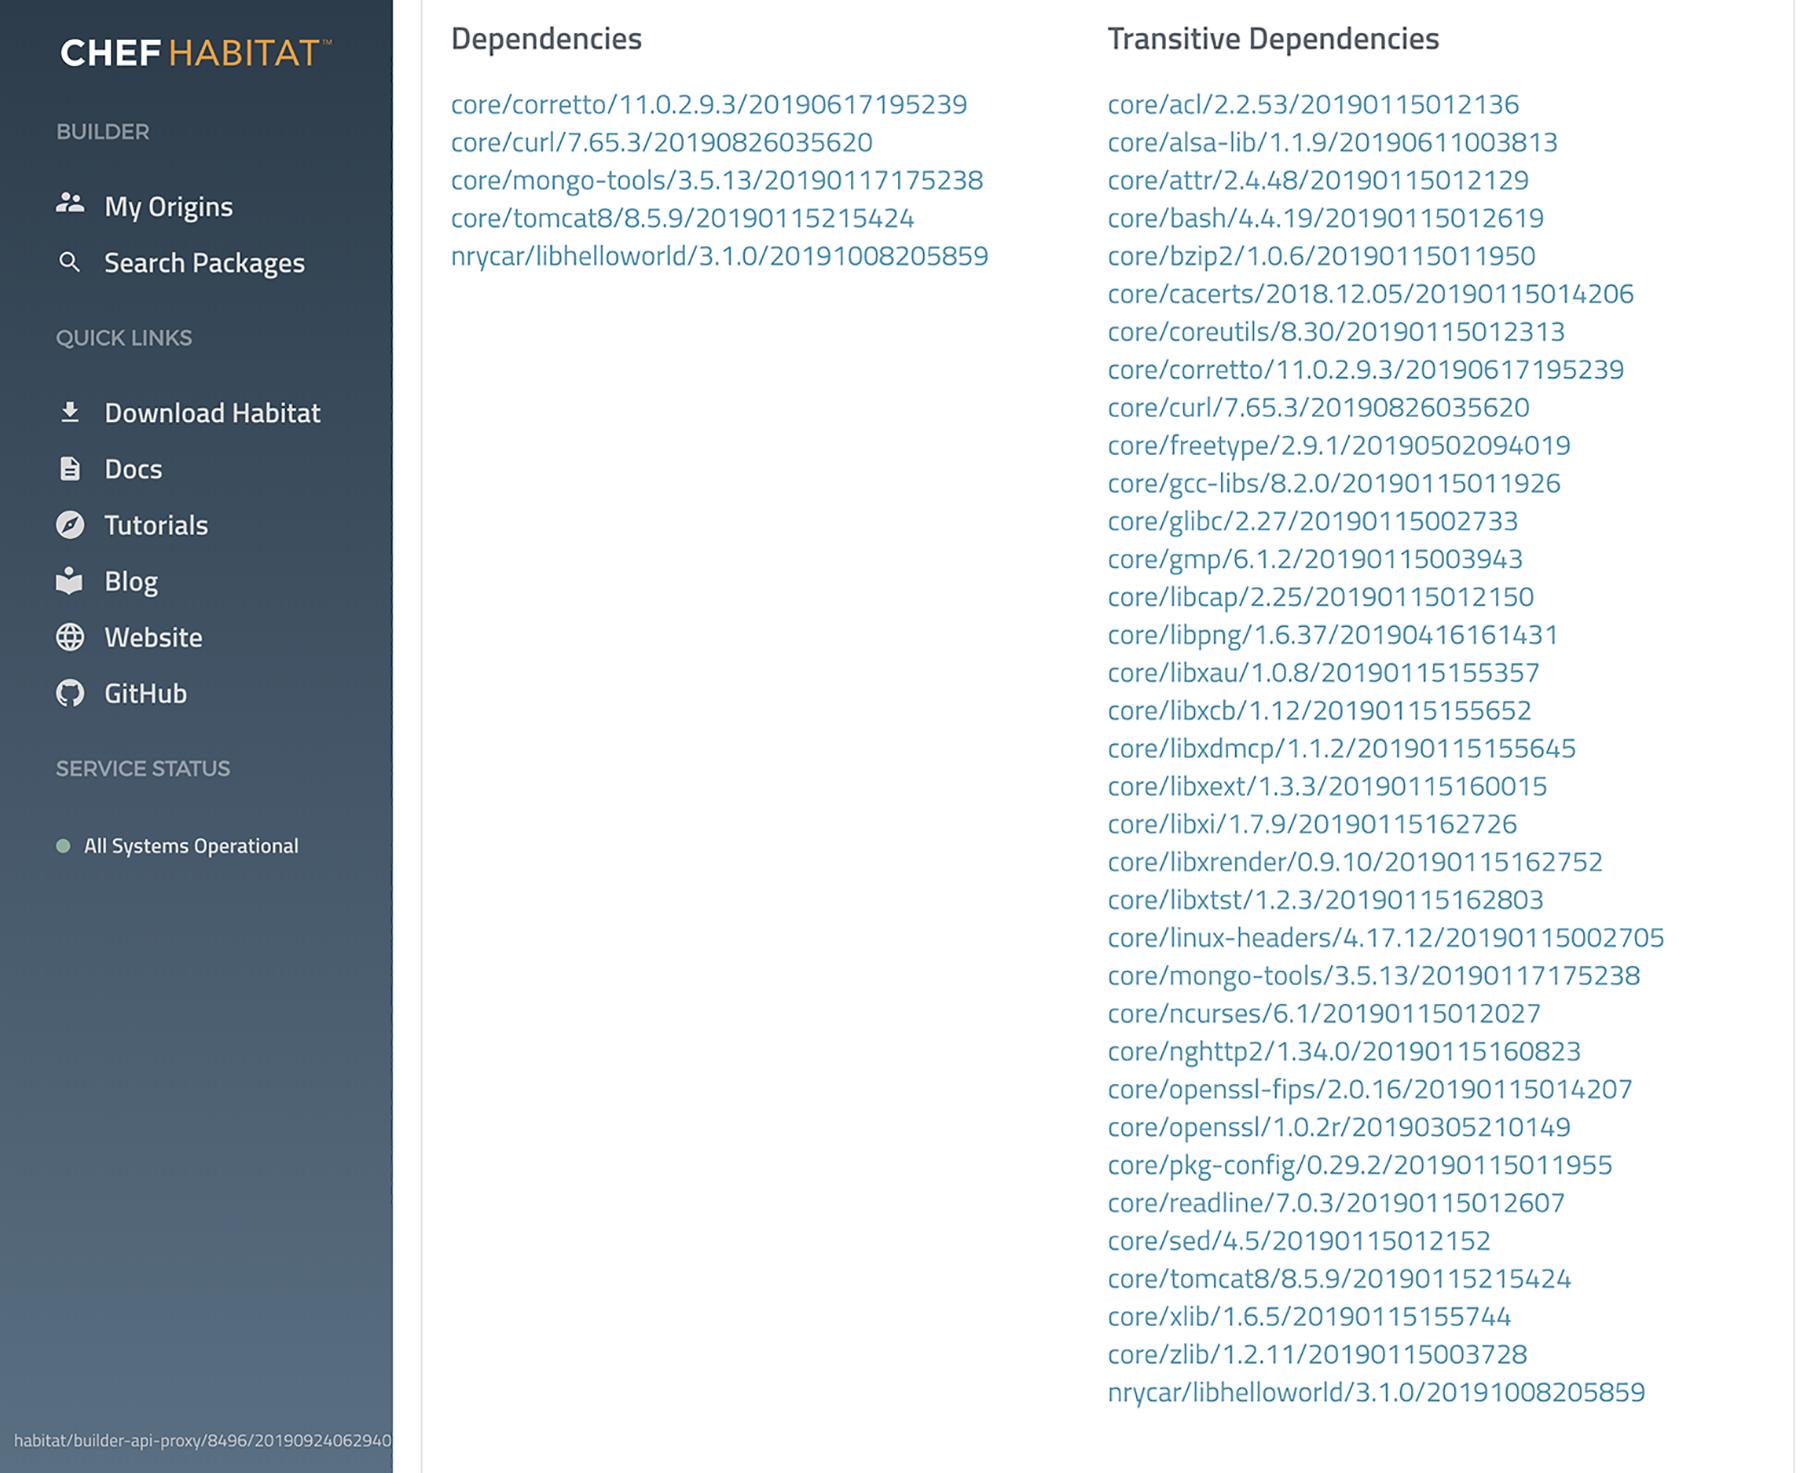 Chef Habitat Dependency Screenshot